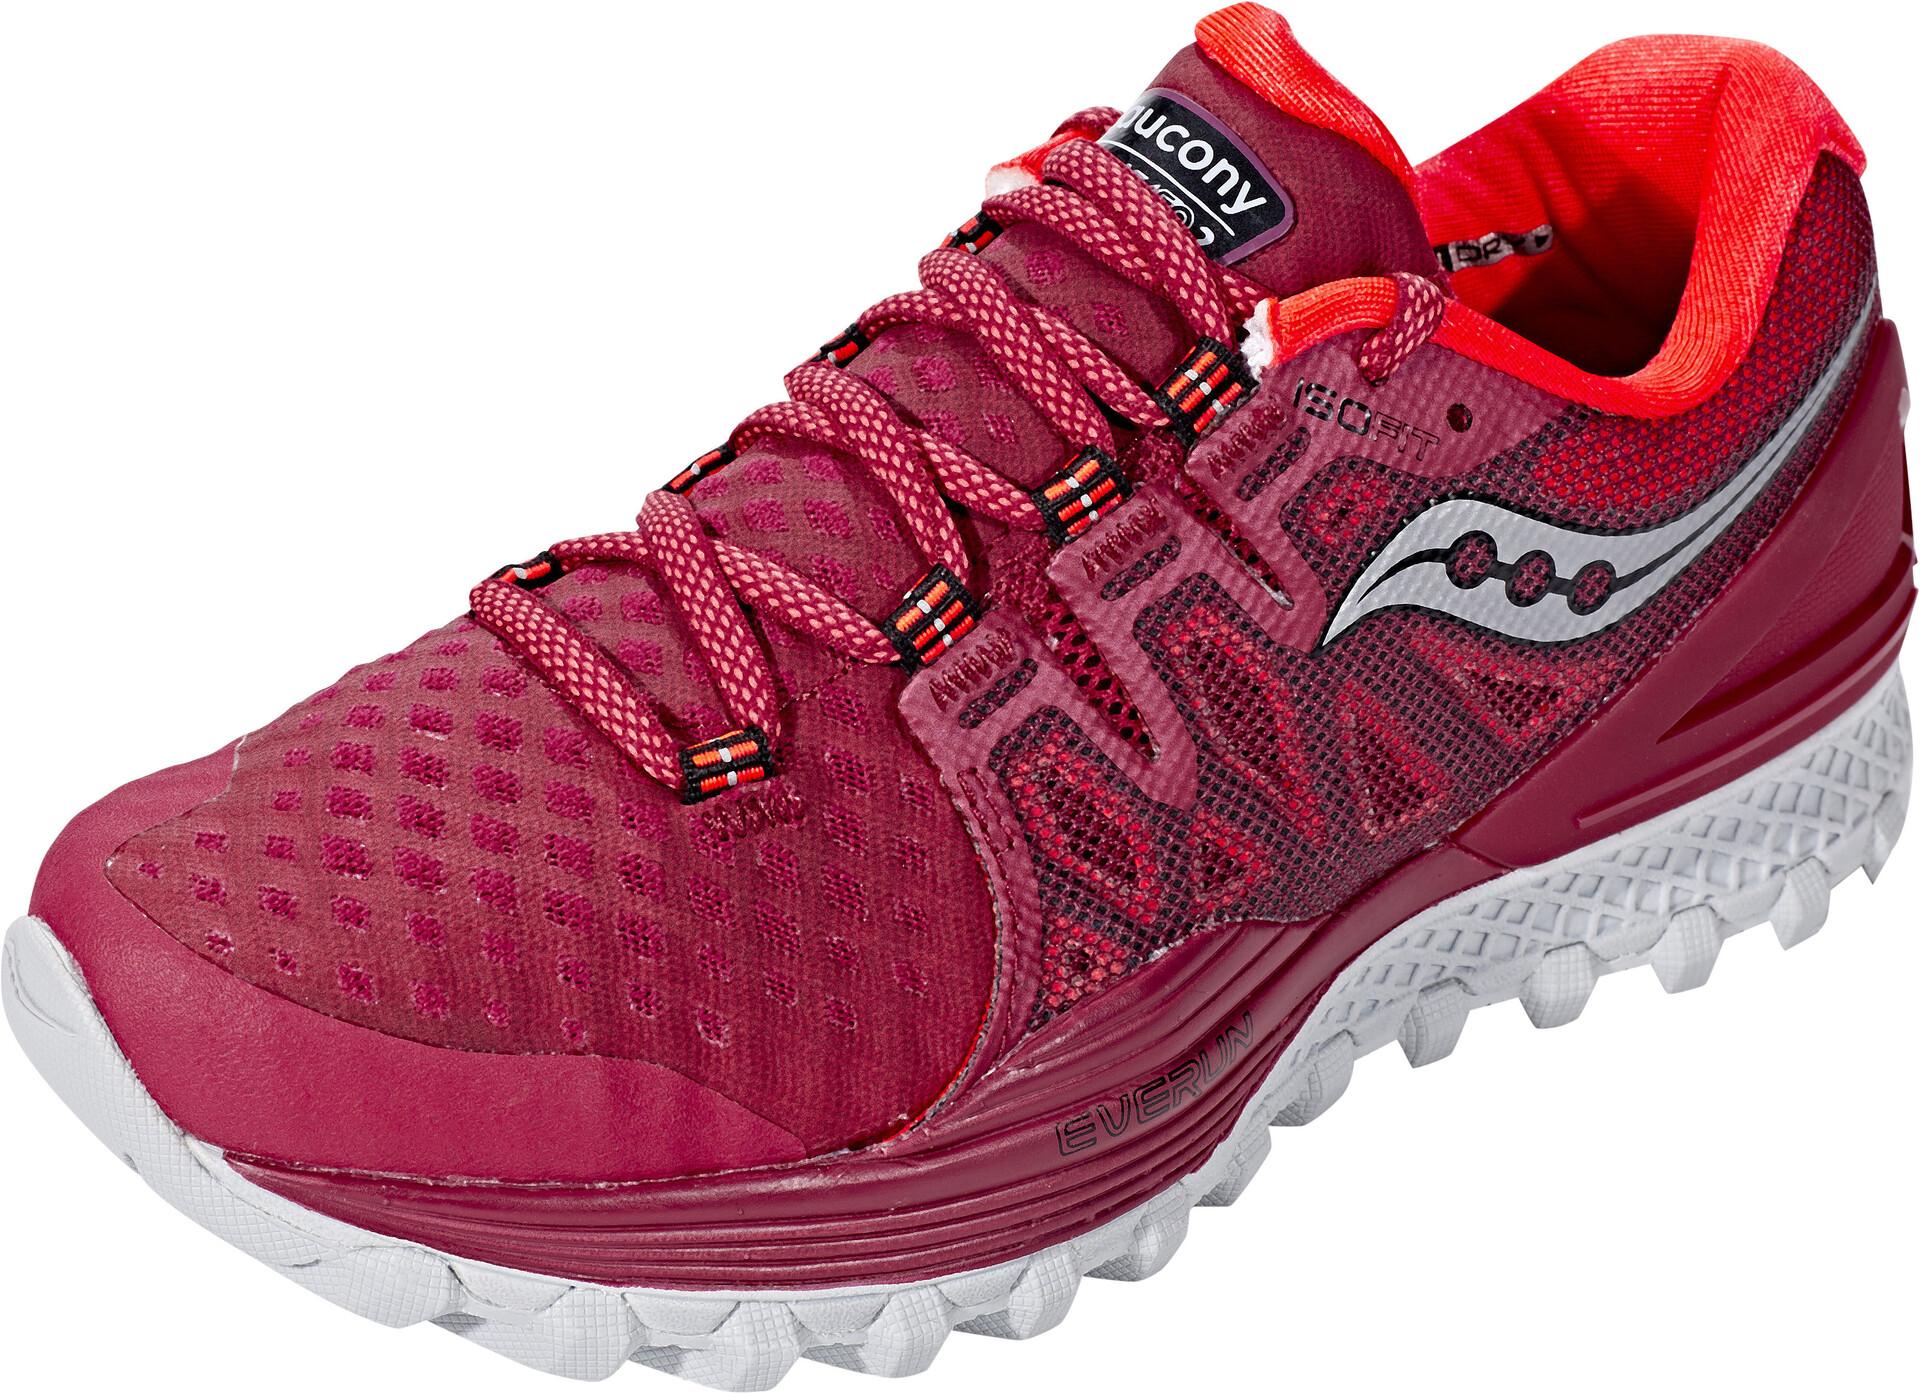 Xodus 2 Zapatillas Mujer Running Rojo Saucony Iso 45RjA3Lq